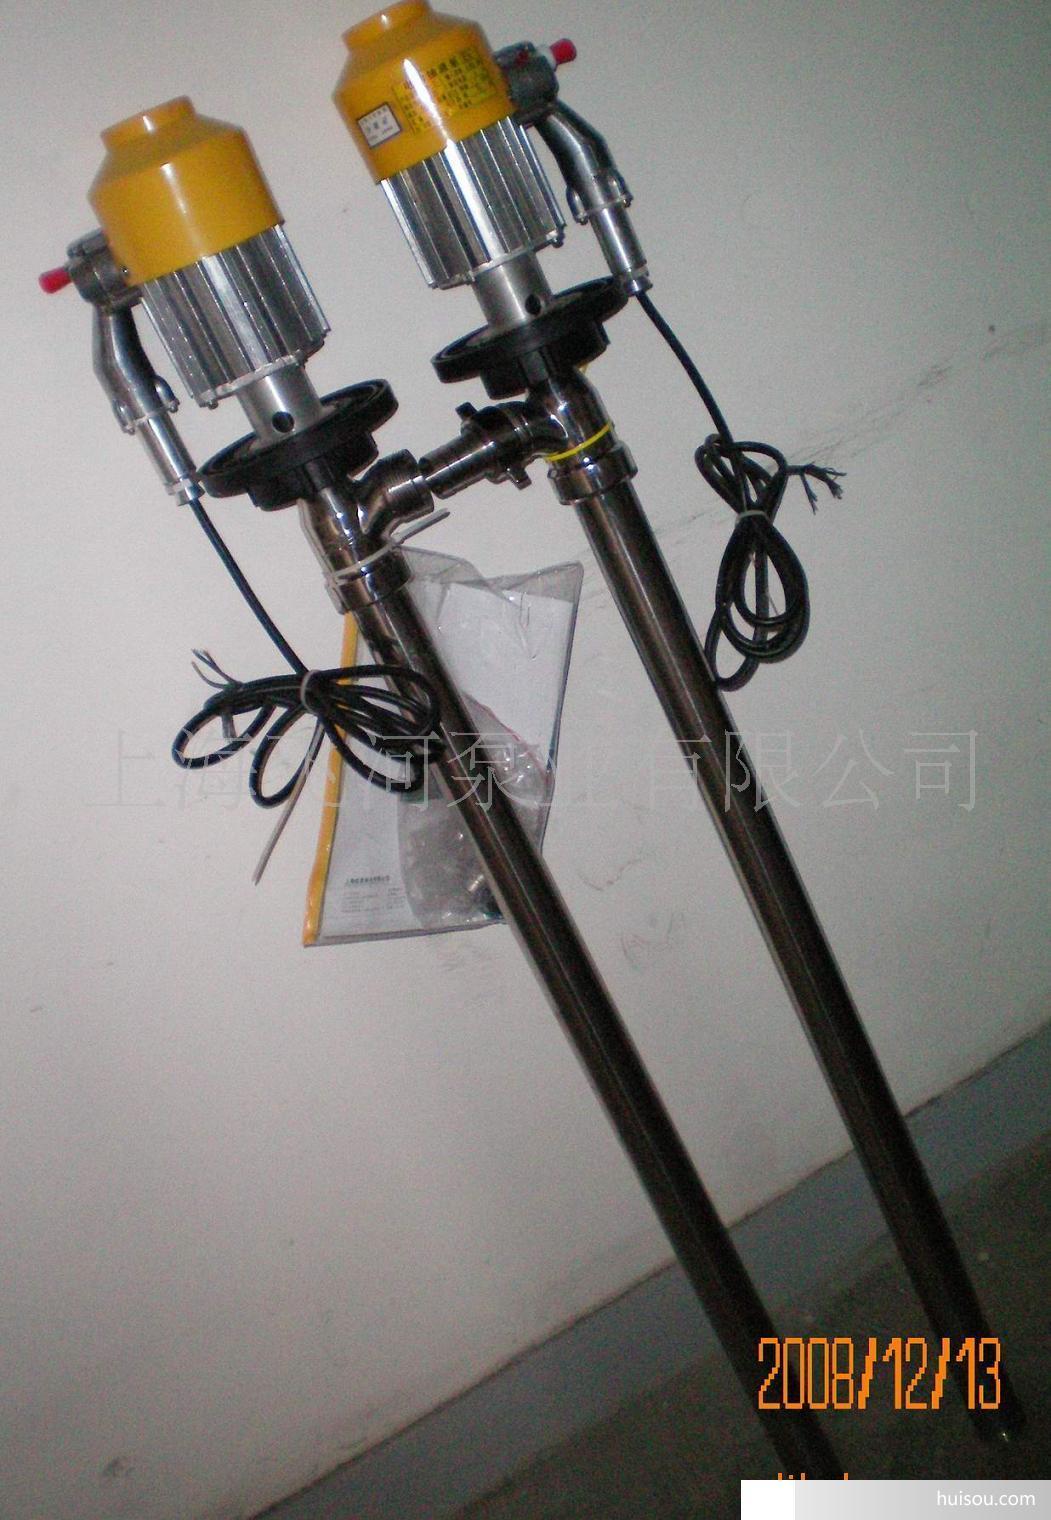 一,产品概述:飞河牌SB系列插桶泵(油桶泵,电动抽液泵)可以直接插入物料桶(最大适用于符合GB/325-1991标准的钢桶)中抽取桶中液体。可输送各种油料、带腐蚀性化学药水、其他液体。根据所输送的液体性质,泵体沾湿部分材料可选用铝合金、优质不锈钢等组成。驱动电机配备单相标准电机,防爆电机,高转速电机等多种选择。电机外壳采用黄色优质聚碳合成塑料合成塑料,根据材质,电机不同,型号可分为:SB-1、SB-1-1,SB-1-2,SB-2,SB-2-1SB-3,SB-3-1,SB-4,SB-5,SB-6,SB-7,